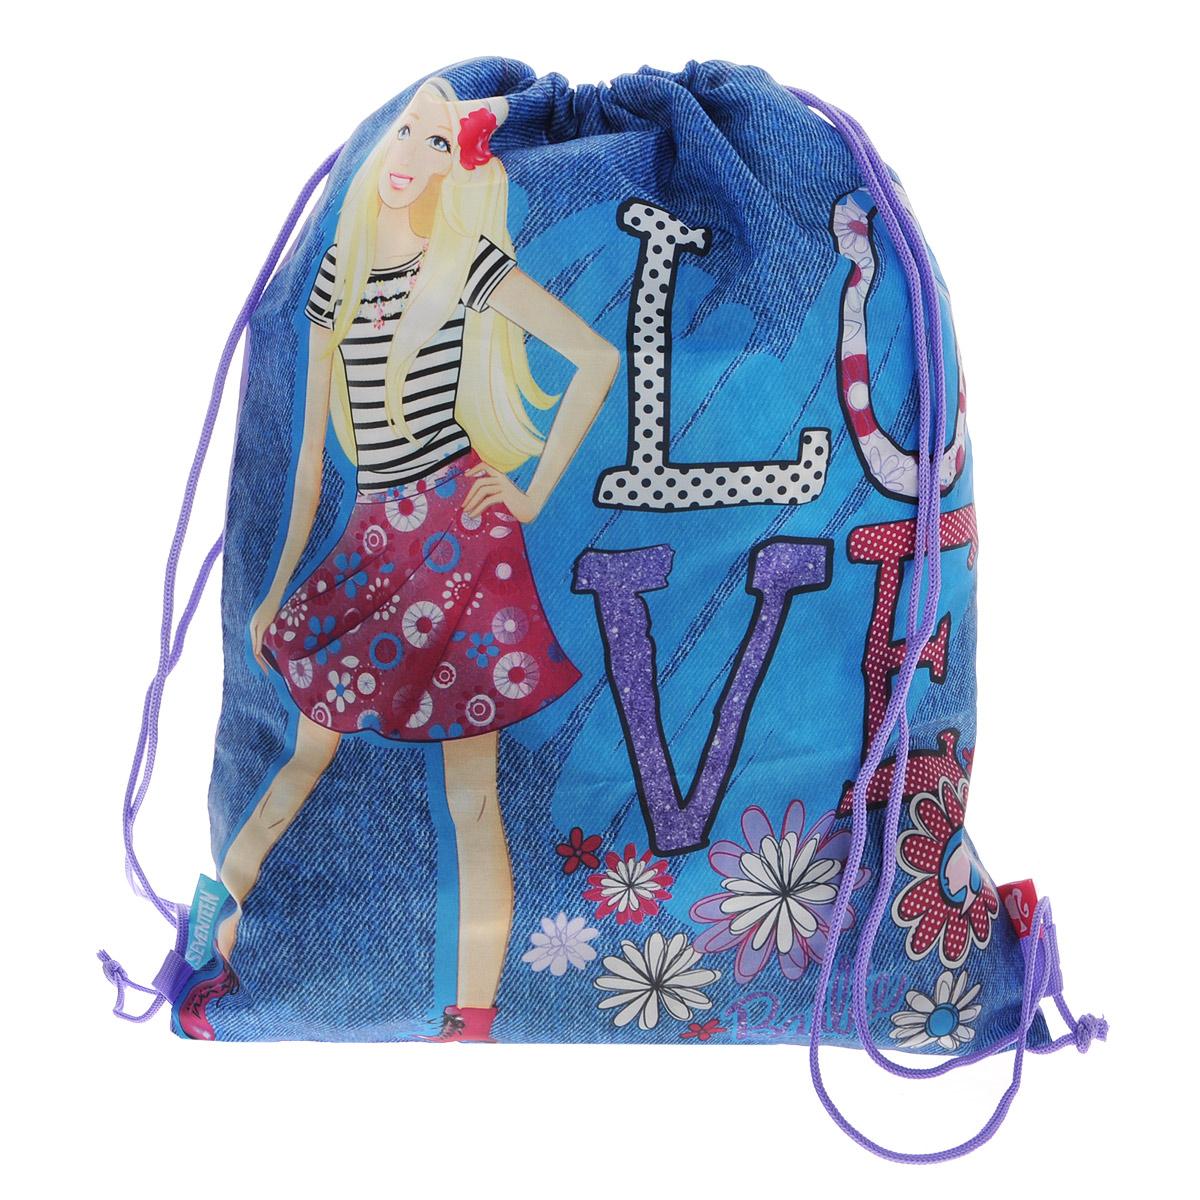 Barbie Сумка-рюкзак для обуви цвет синий BRCB-RT2-883